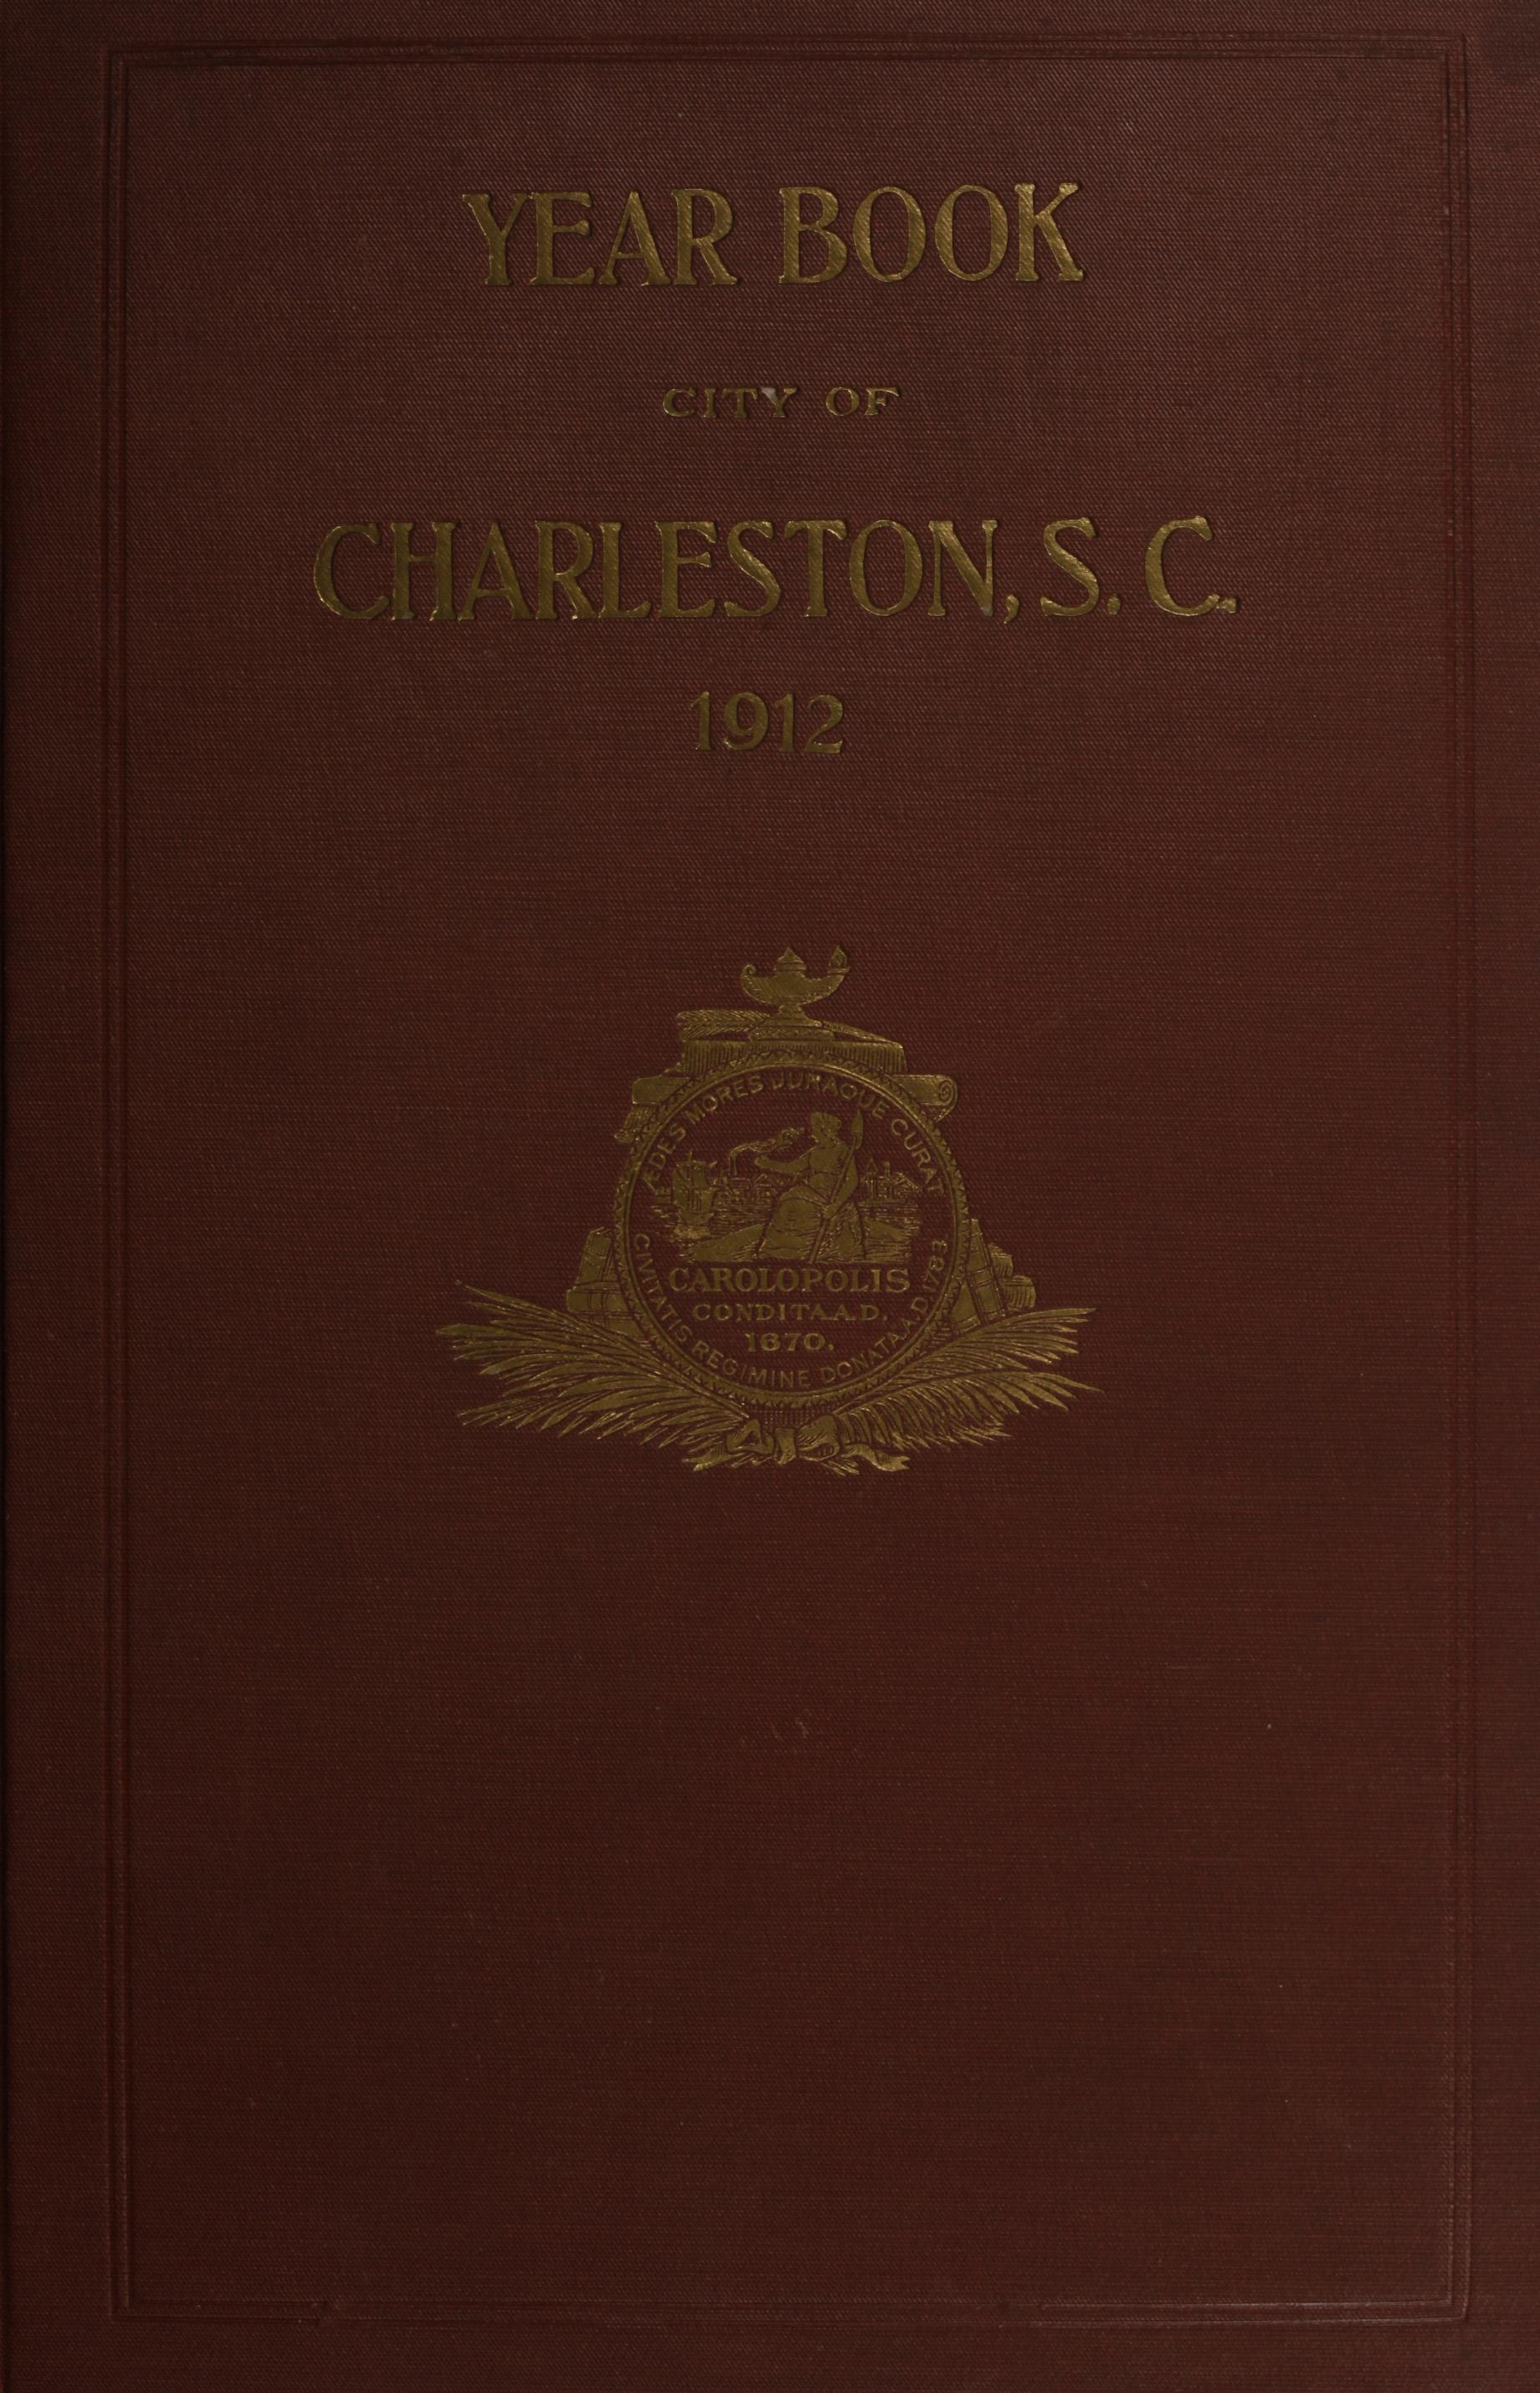 Charleston Yearbook, 1912, cover